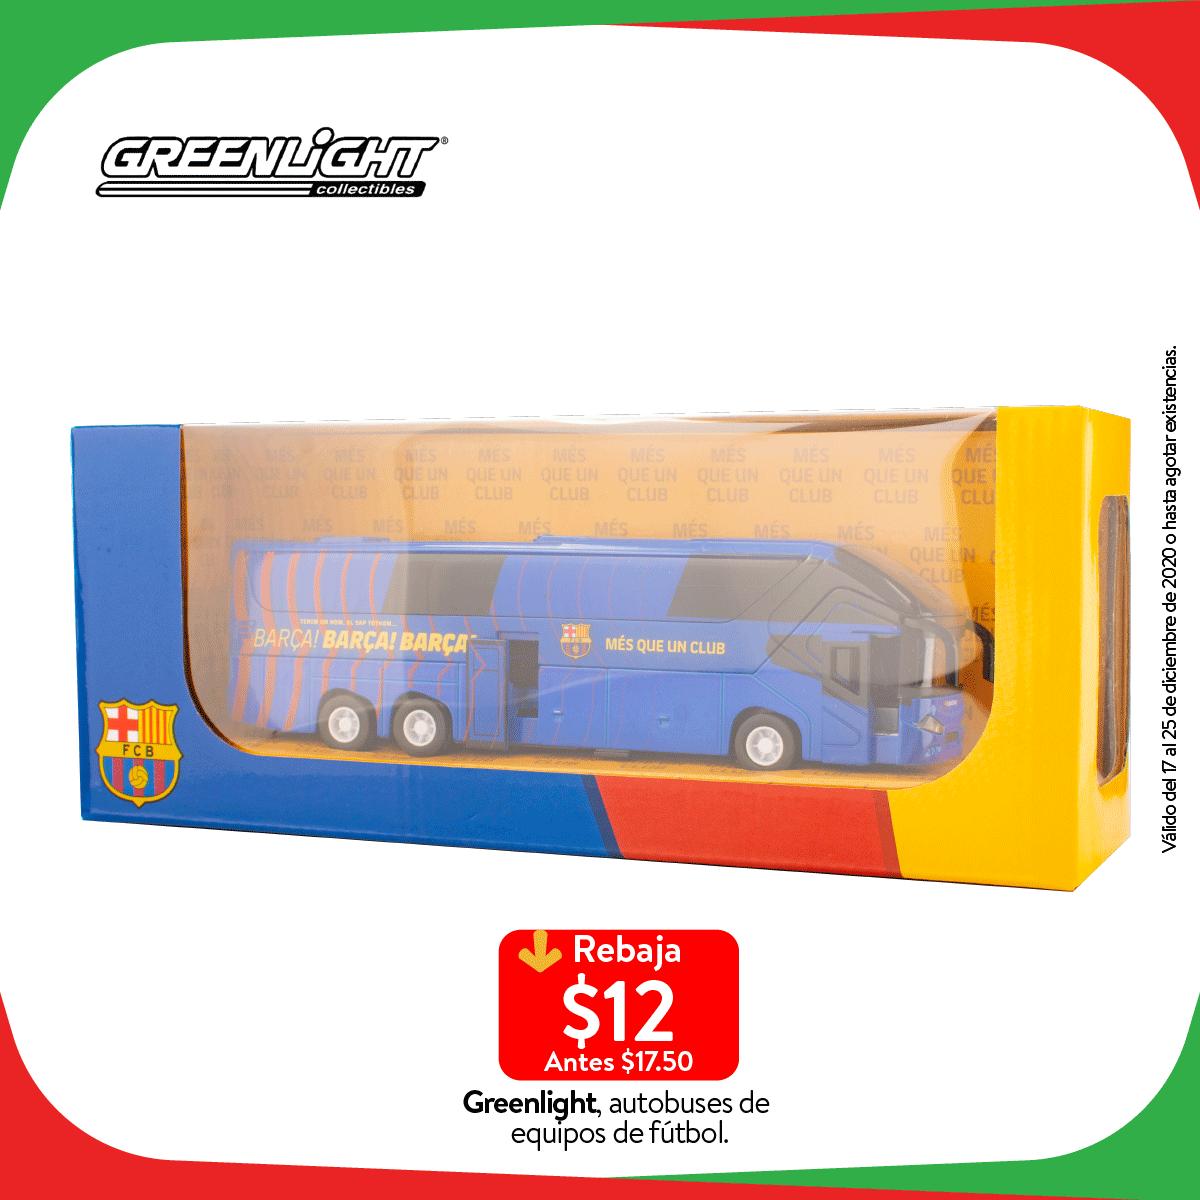 walmart-juguetes-autobuses-navidad-2020